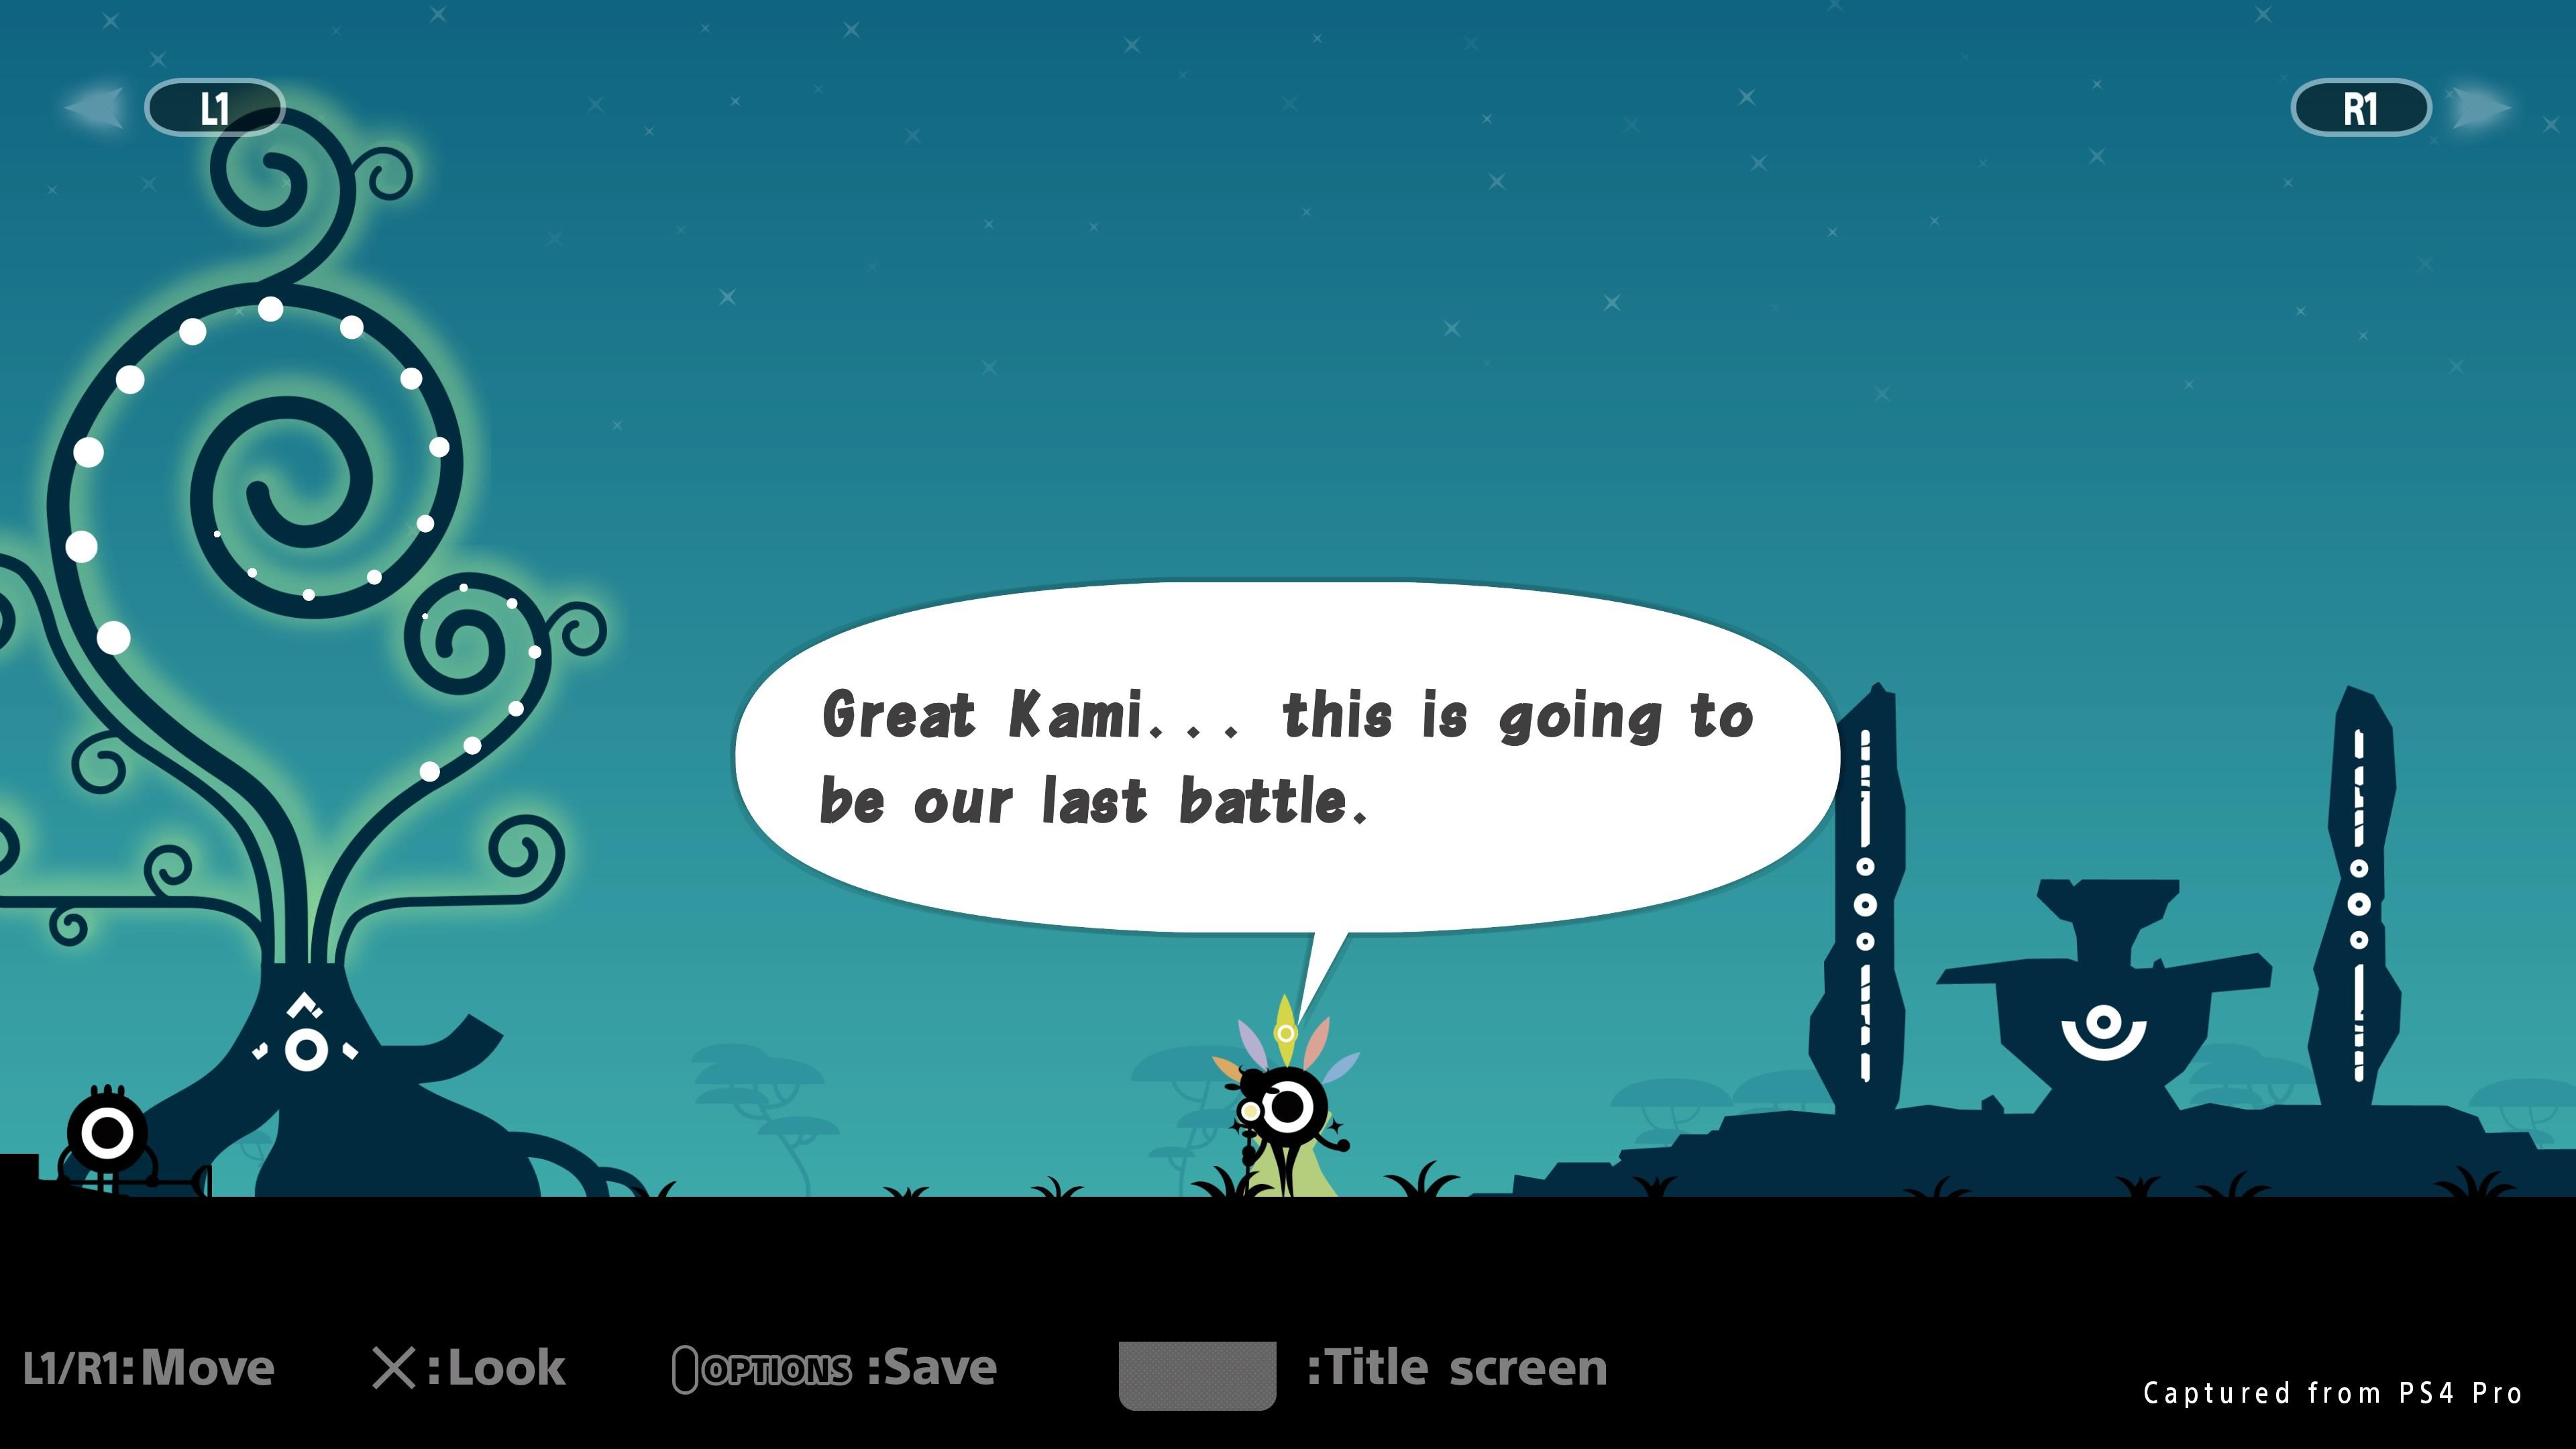 《啪嗒砰2》复刻版将于1月30日登陆PS4平台